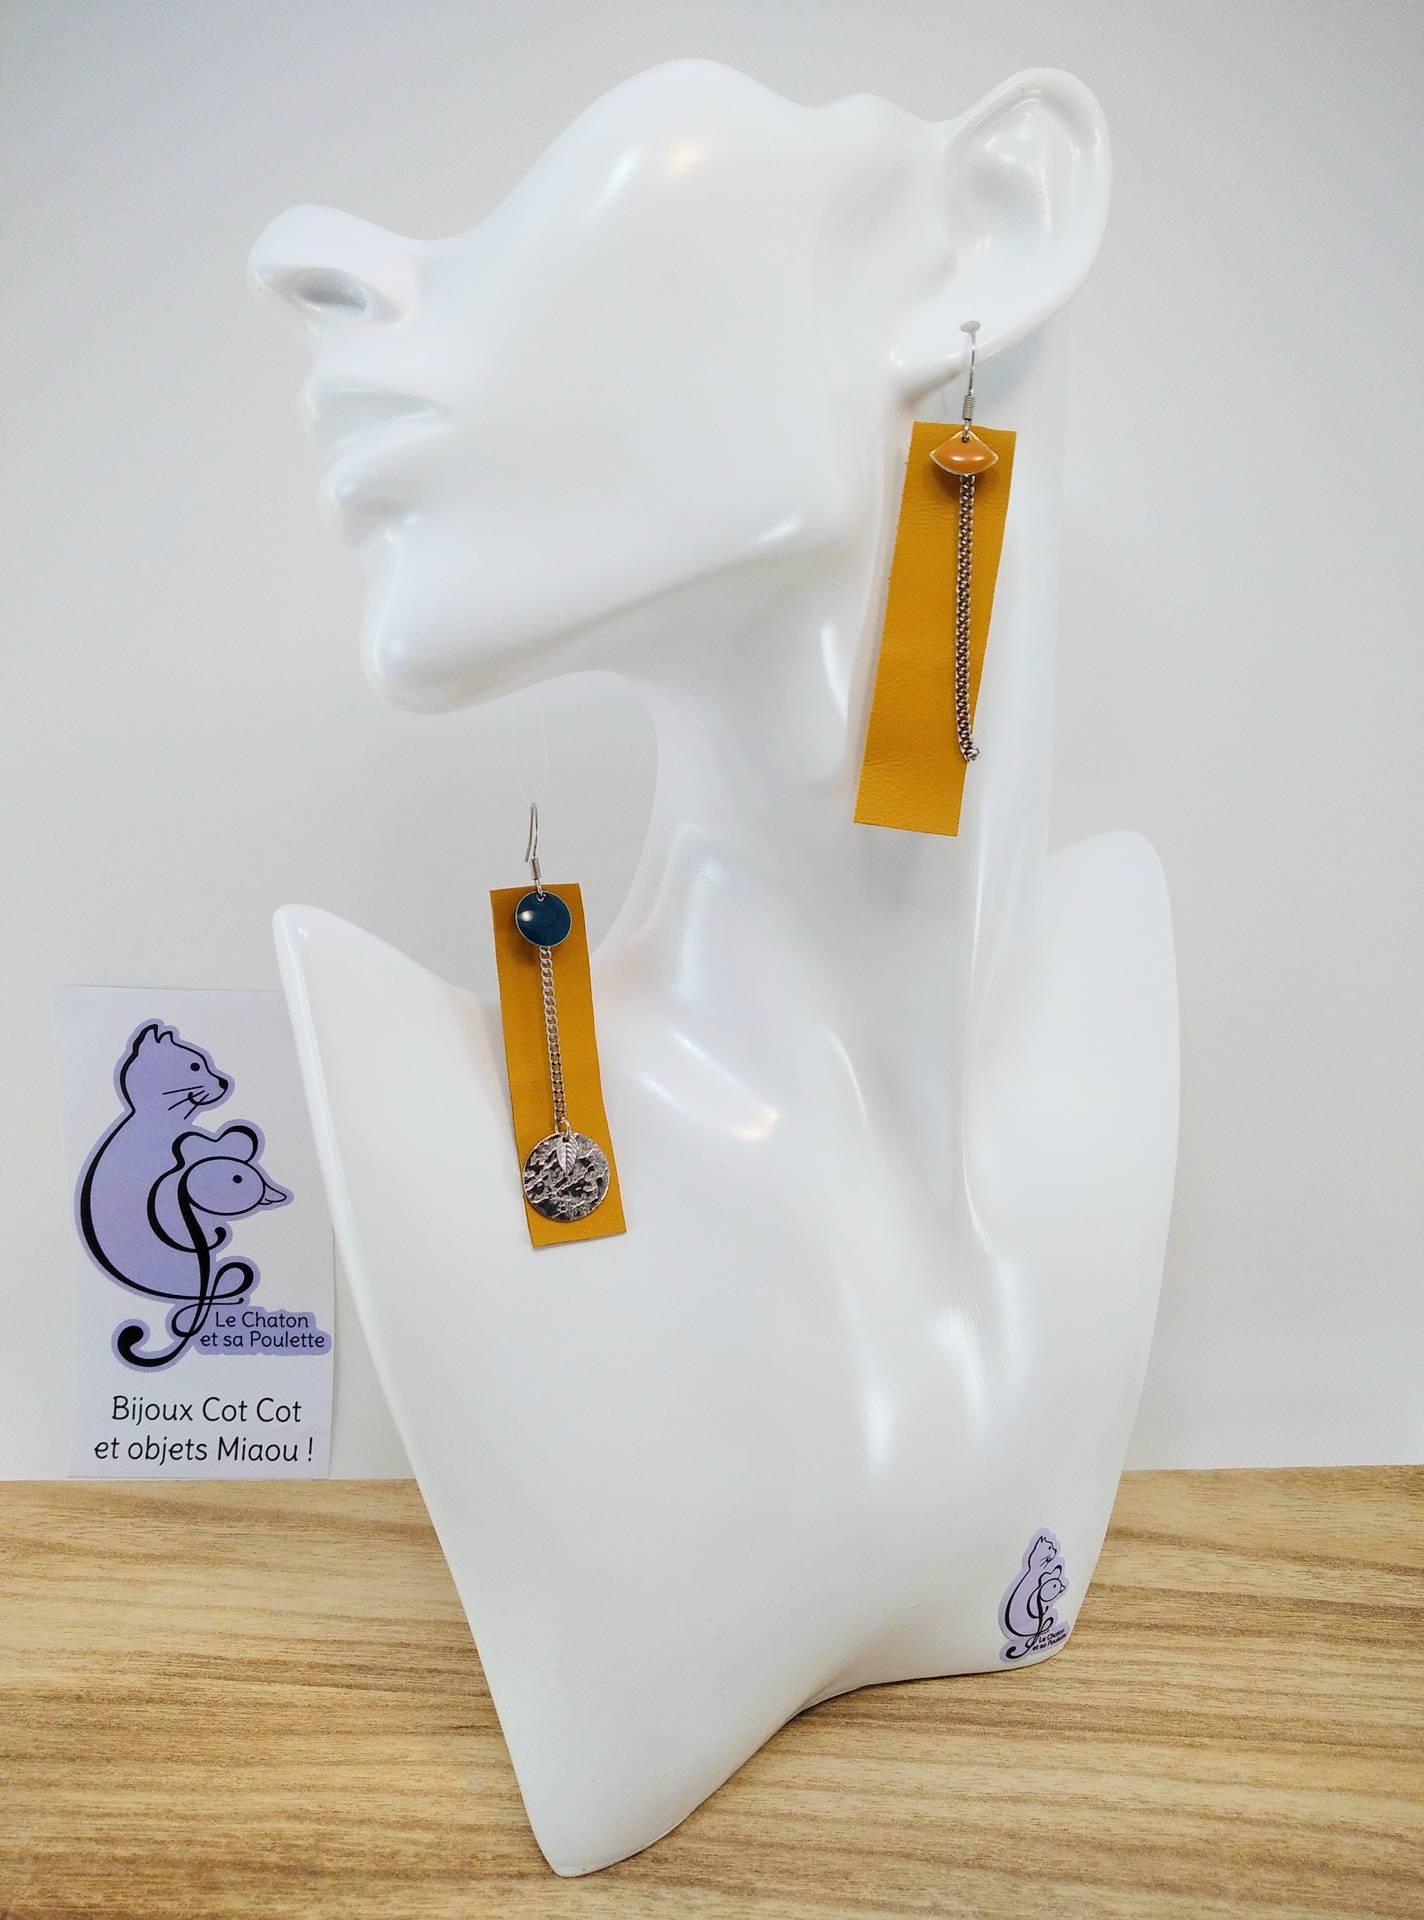 B.O. FORMIDABLE modèle 3 Cuir ocre, breloques résine éventail moutarde et rond bleu canard, breloques inox rond martelé et feuilles et chaine